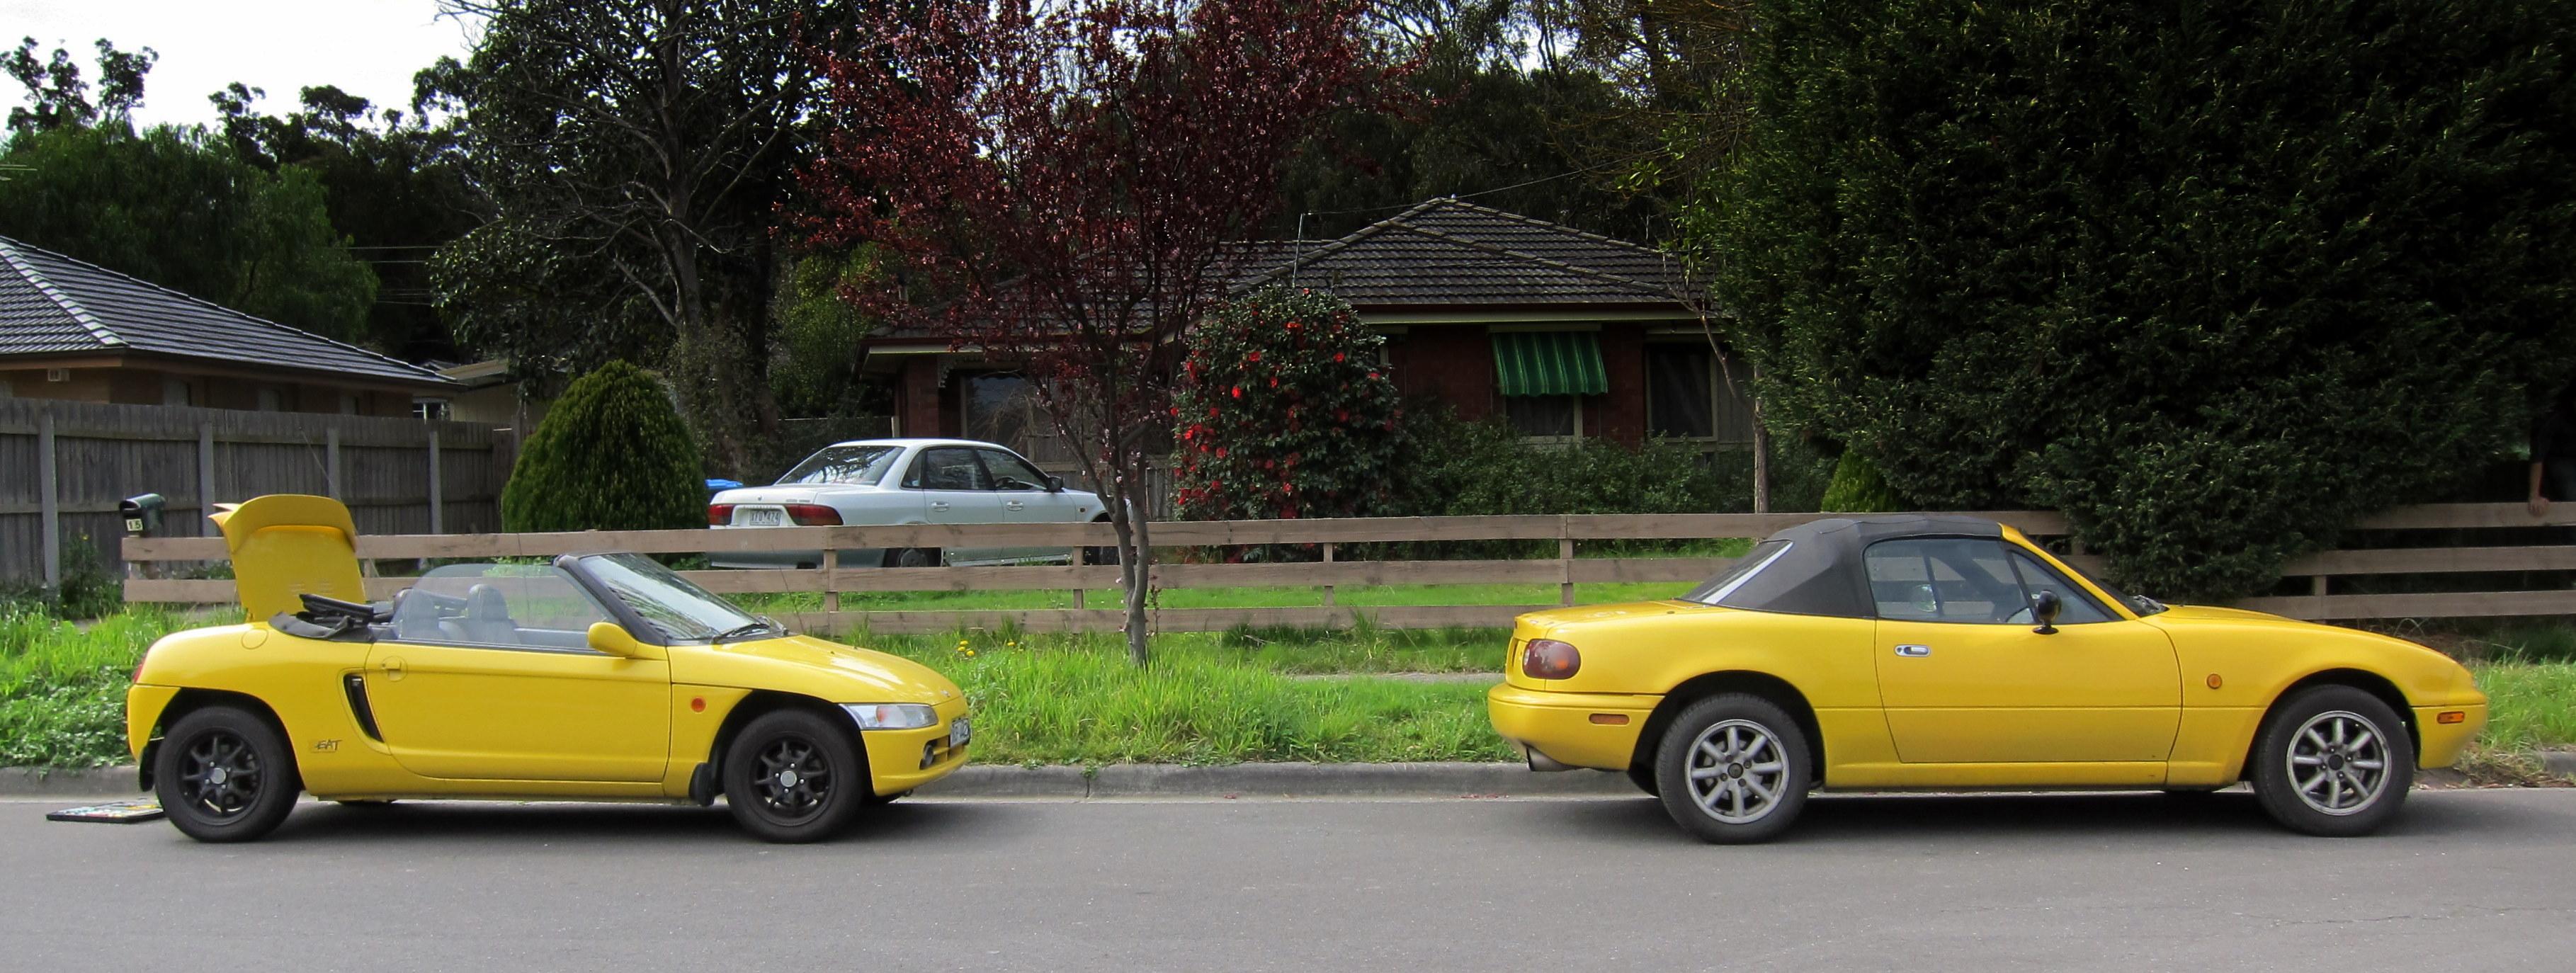 Honda Beat 2017 >> honda beat eunos roadster yellow convertibles   Noisy Ninja